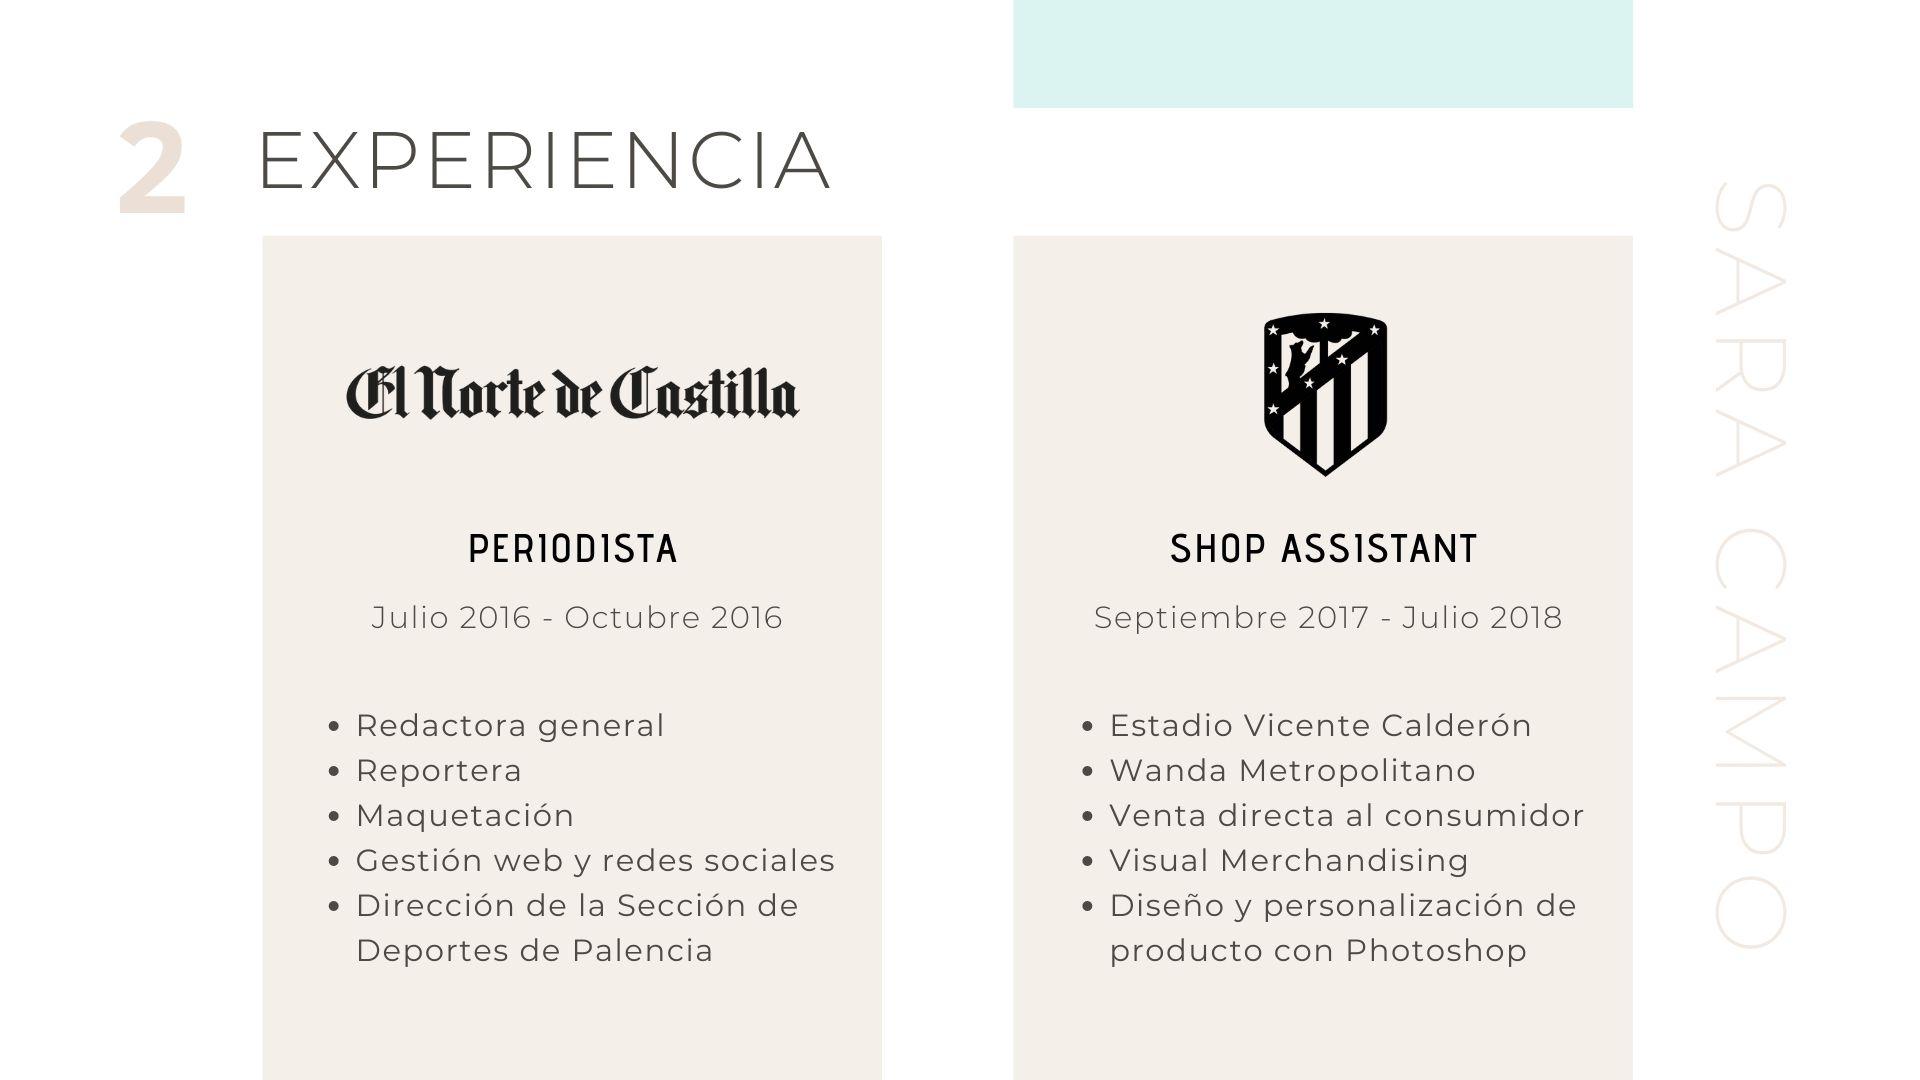 portfolio_Sara_campo_experiencia